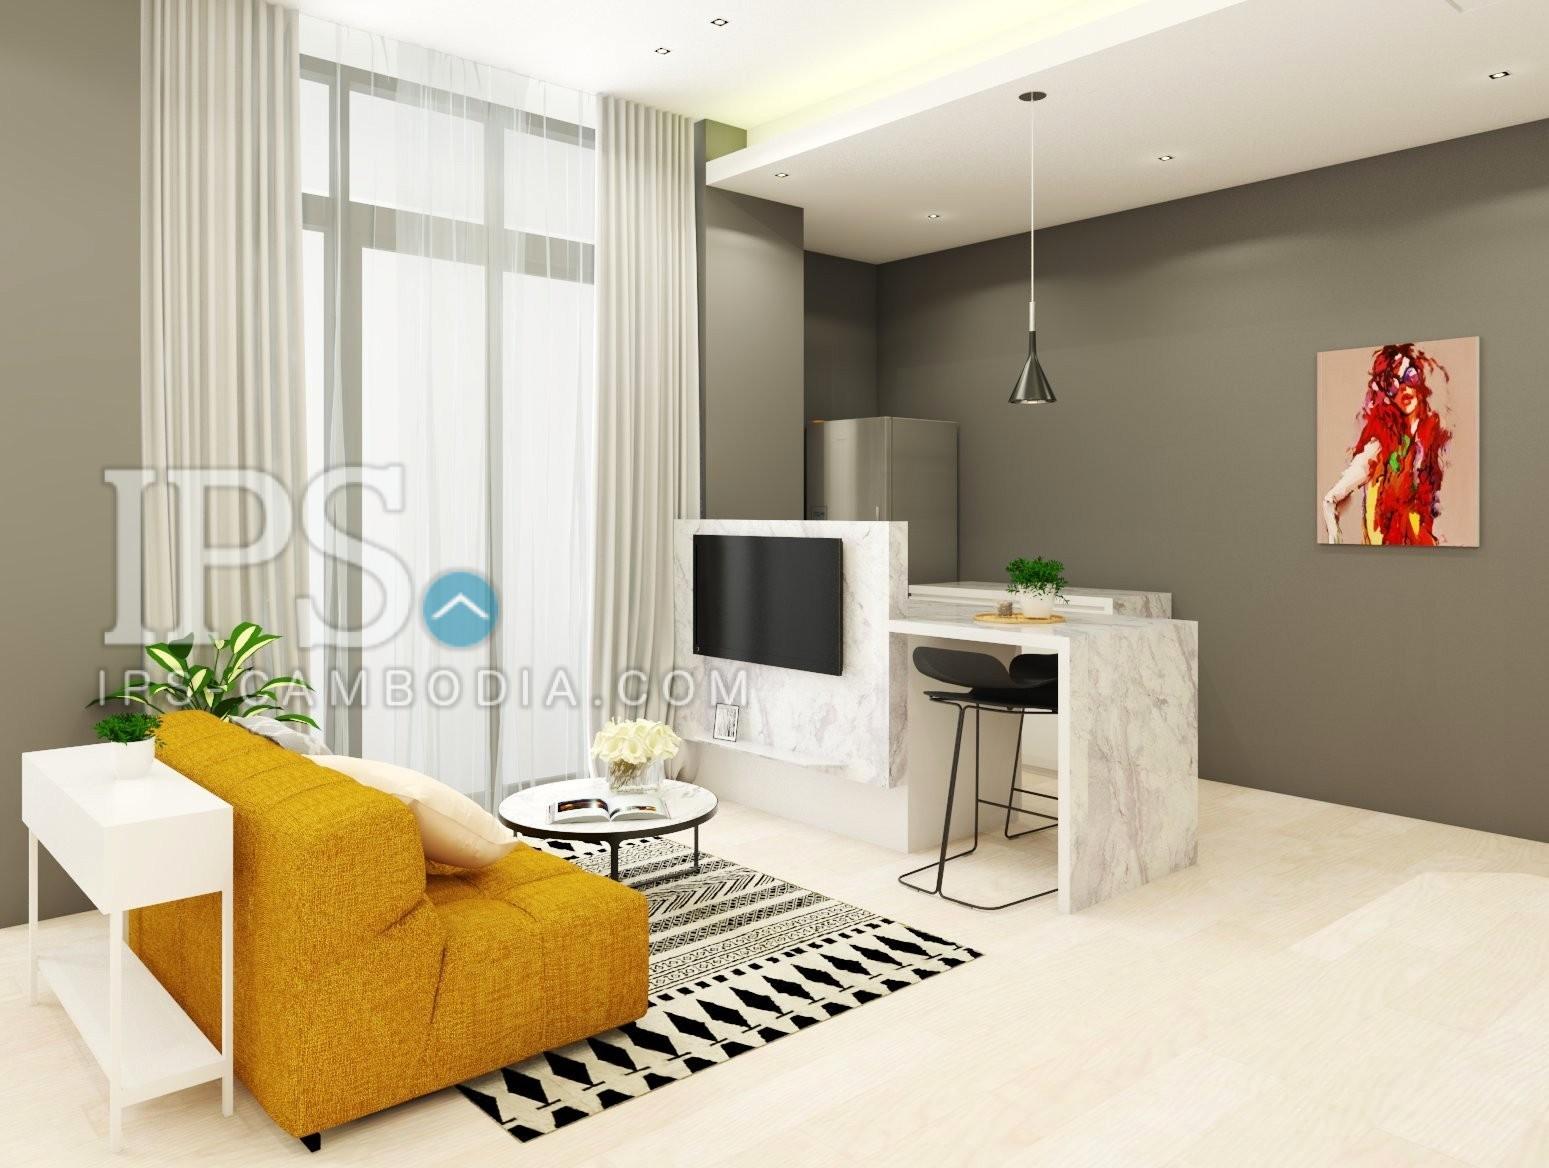 2 Bedroom Condominium For Sale - Toul Kork, Phnom Penh